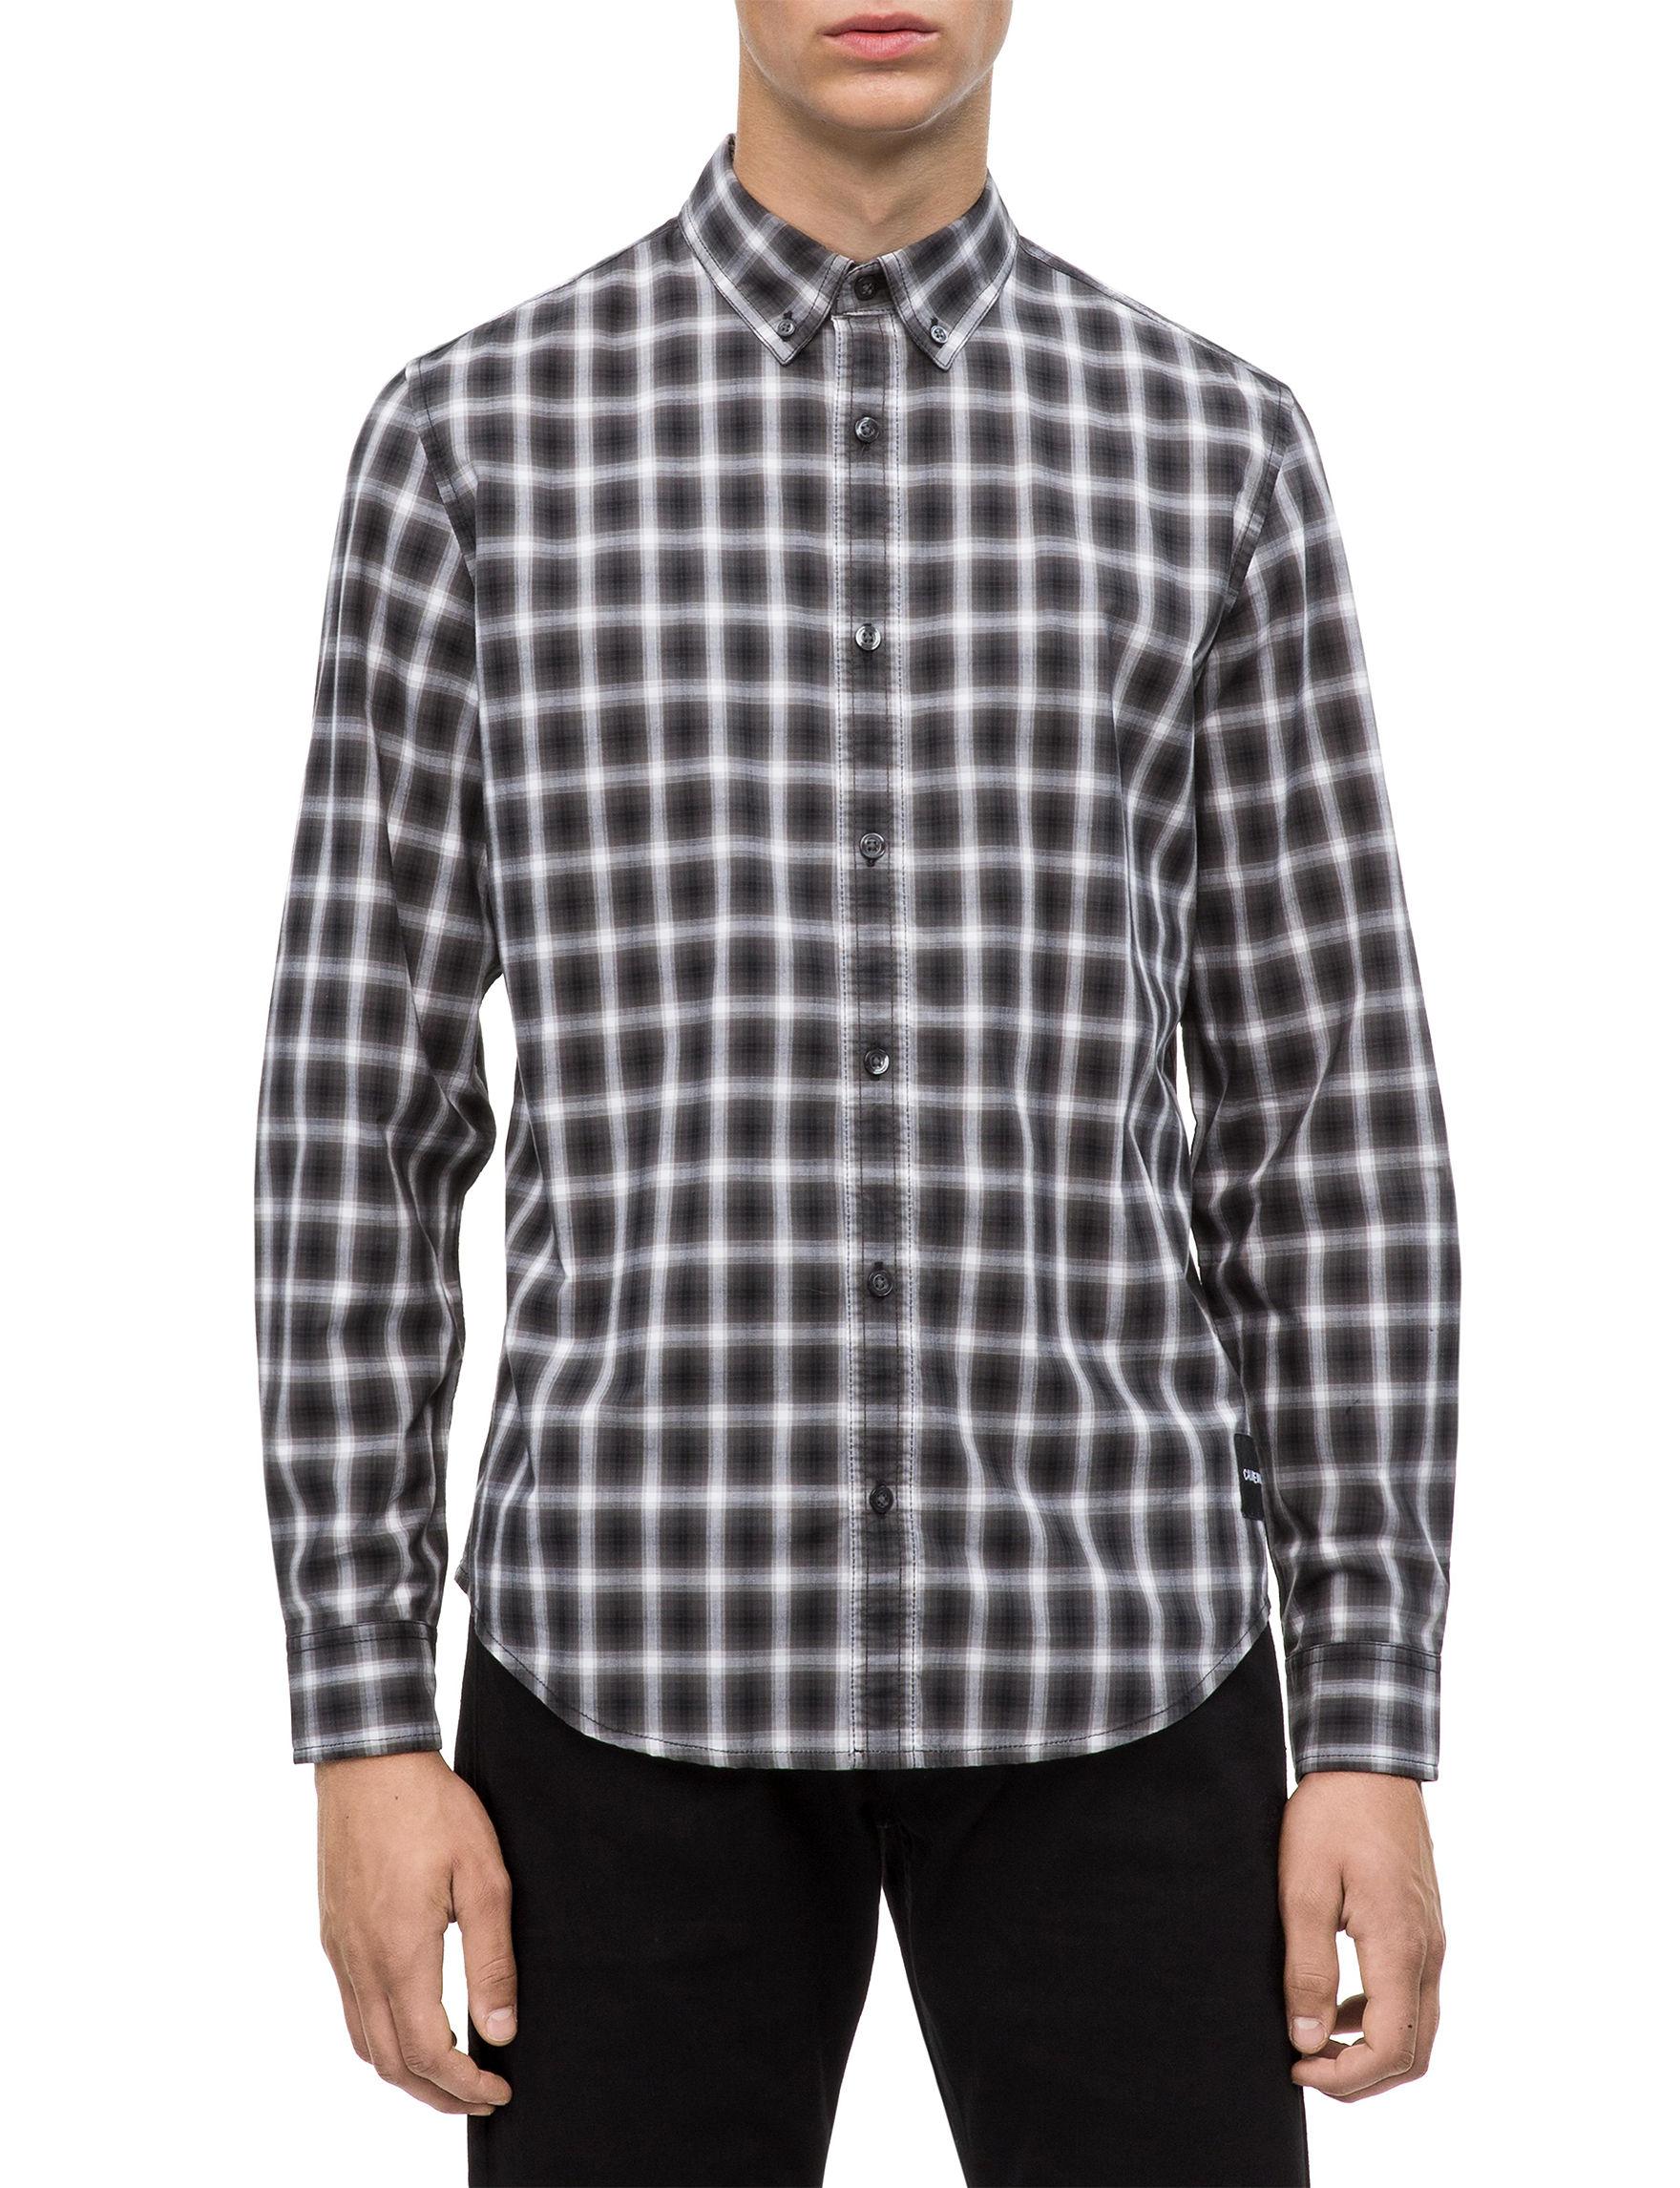 Calvin Klein Black Plaid Casual Button Down Shirts